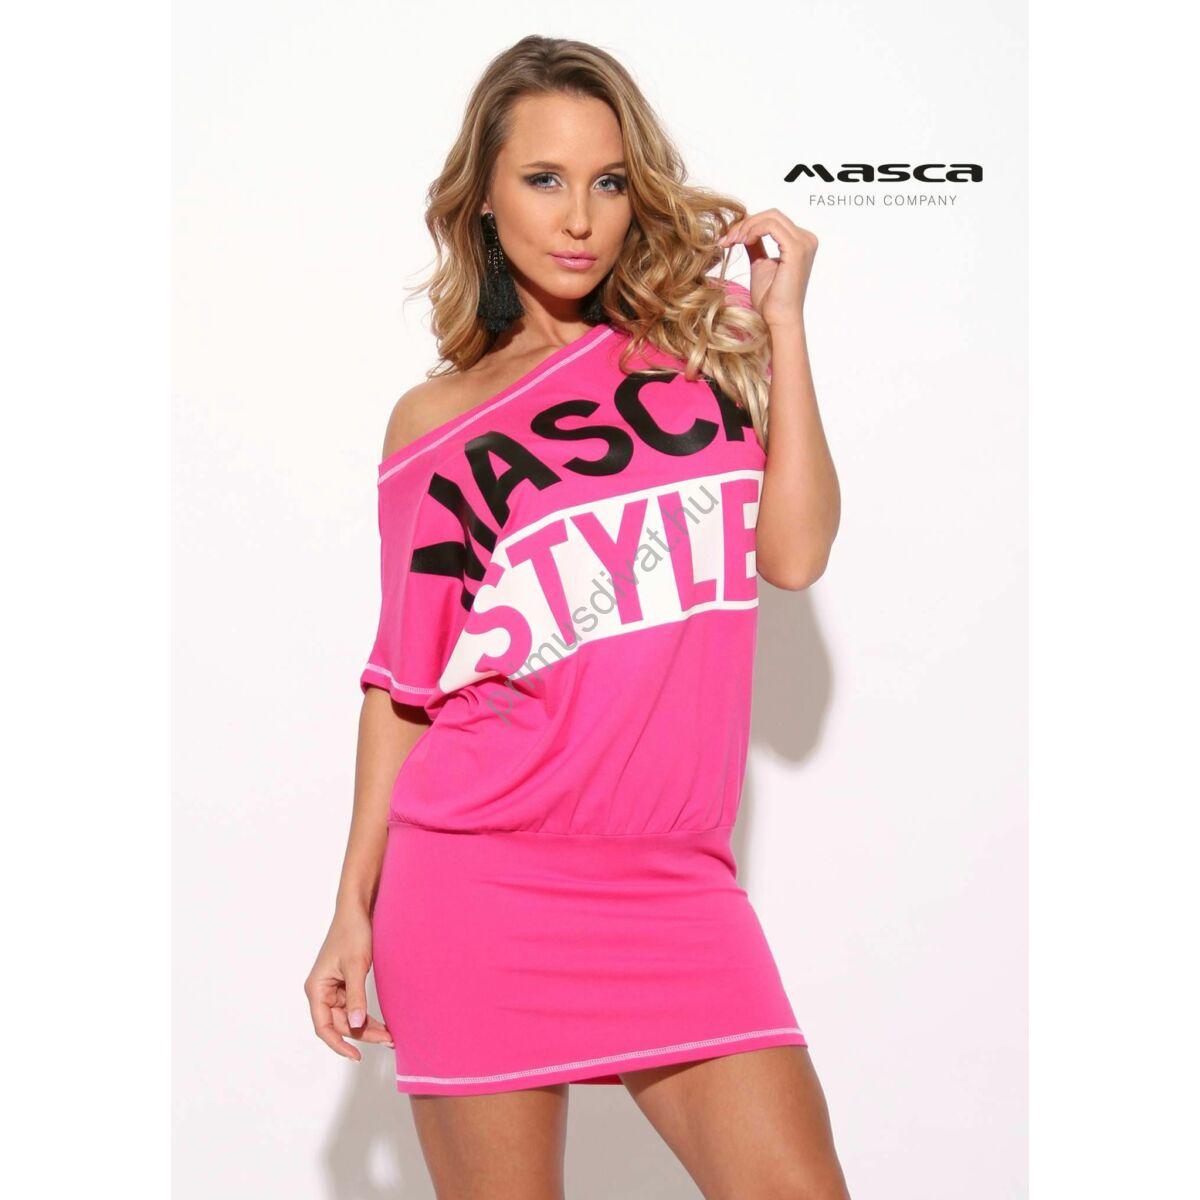 f3b24b5805 Kép 1/1 - Masca Fashion csónaknyakú, rövid denevérujjú, fekete tűzésű pink  bő tunika, miniruha, fekete-fehér nyomott mintával